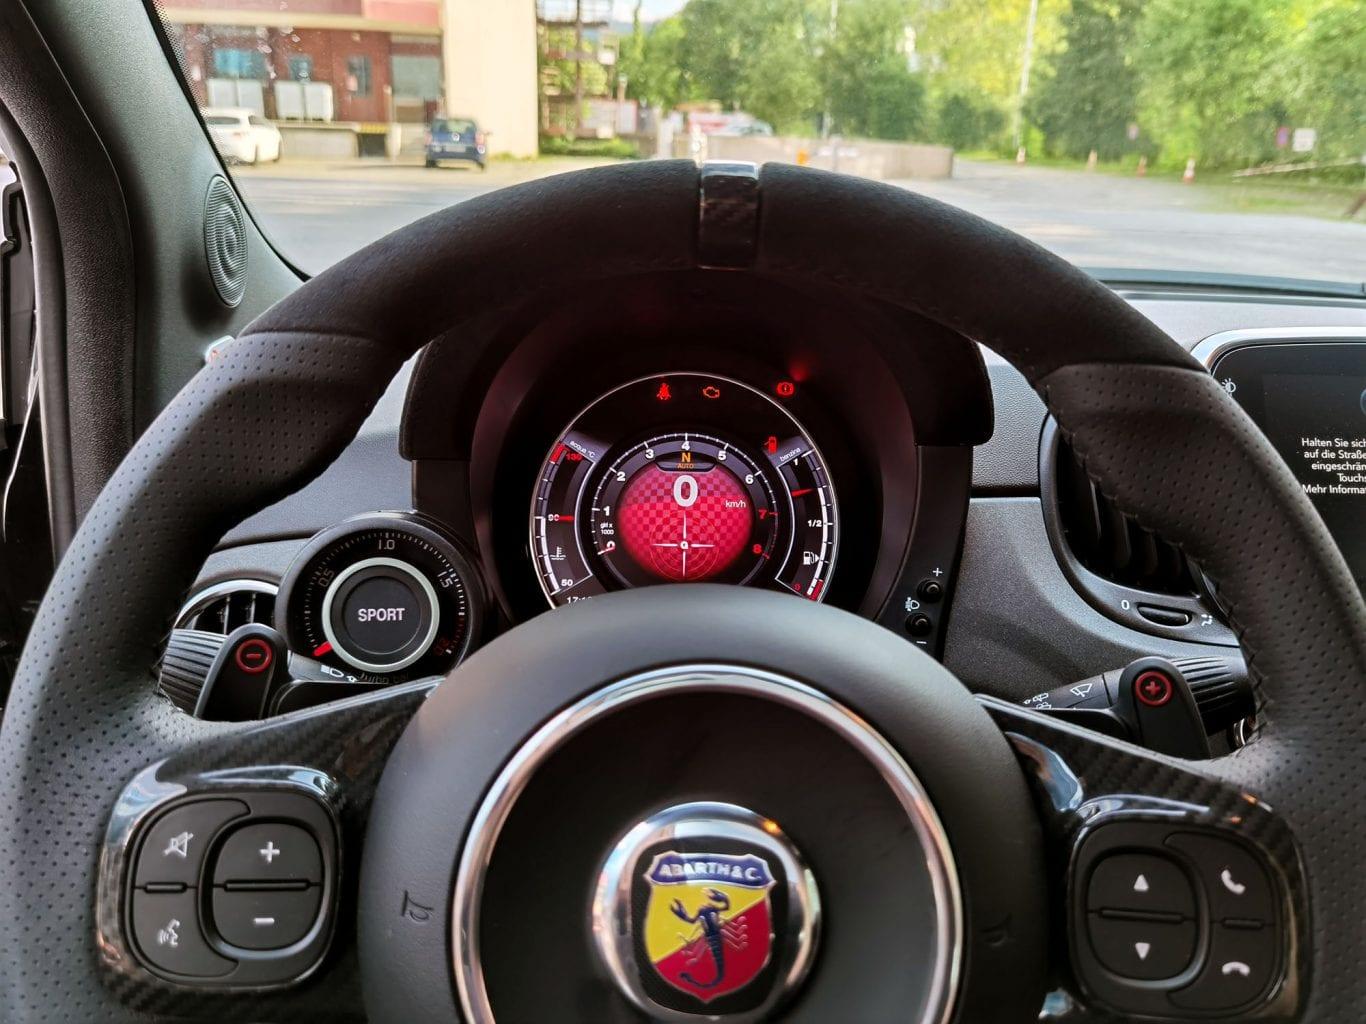 Fiat 500 Abarth 695 70 Anniversario: Fiat, wir müssen reden - Auto Kunz AG